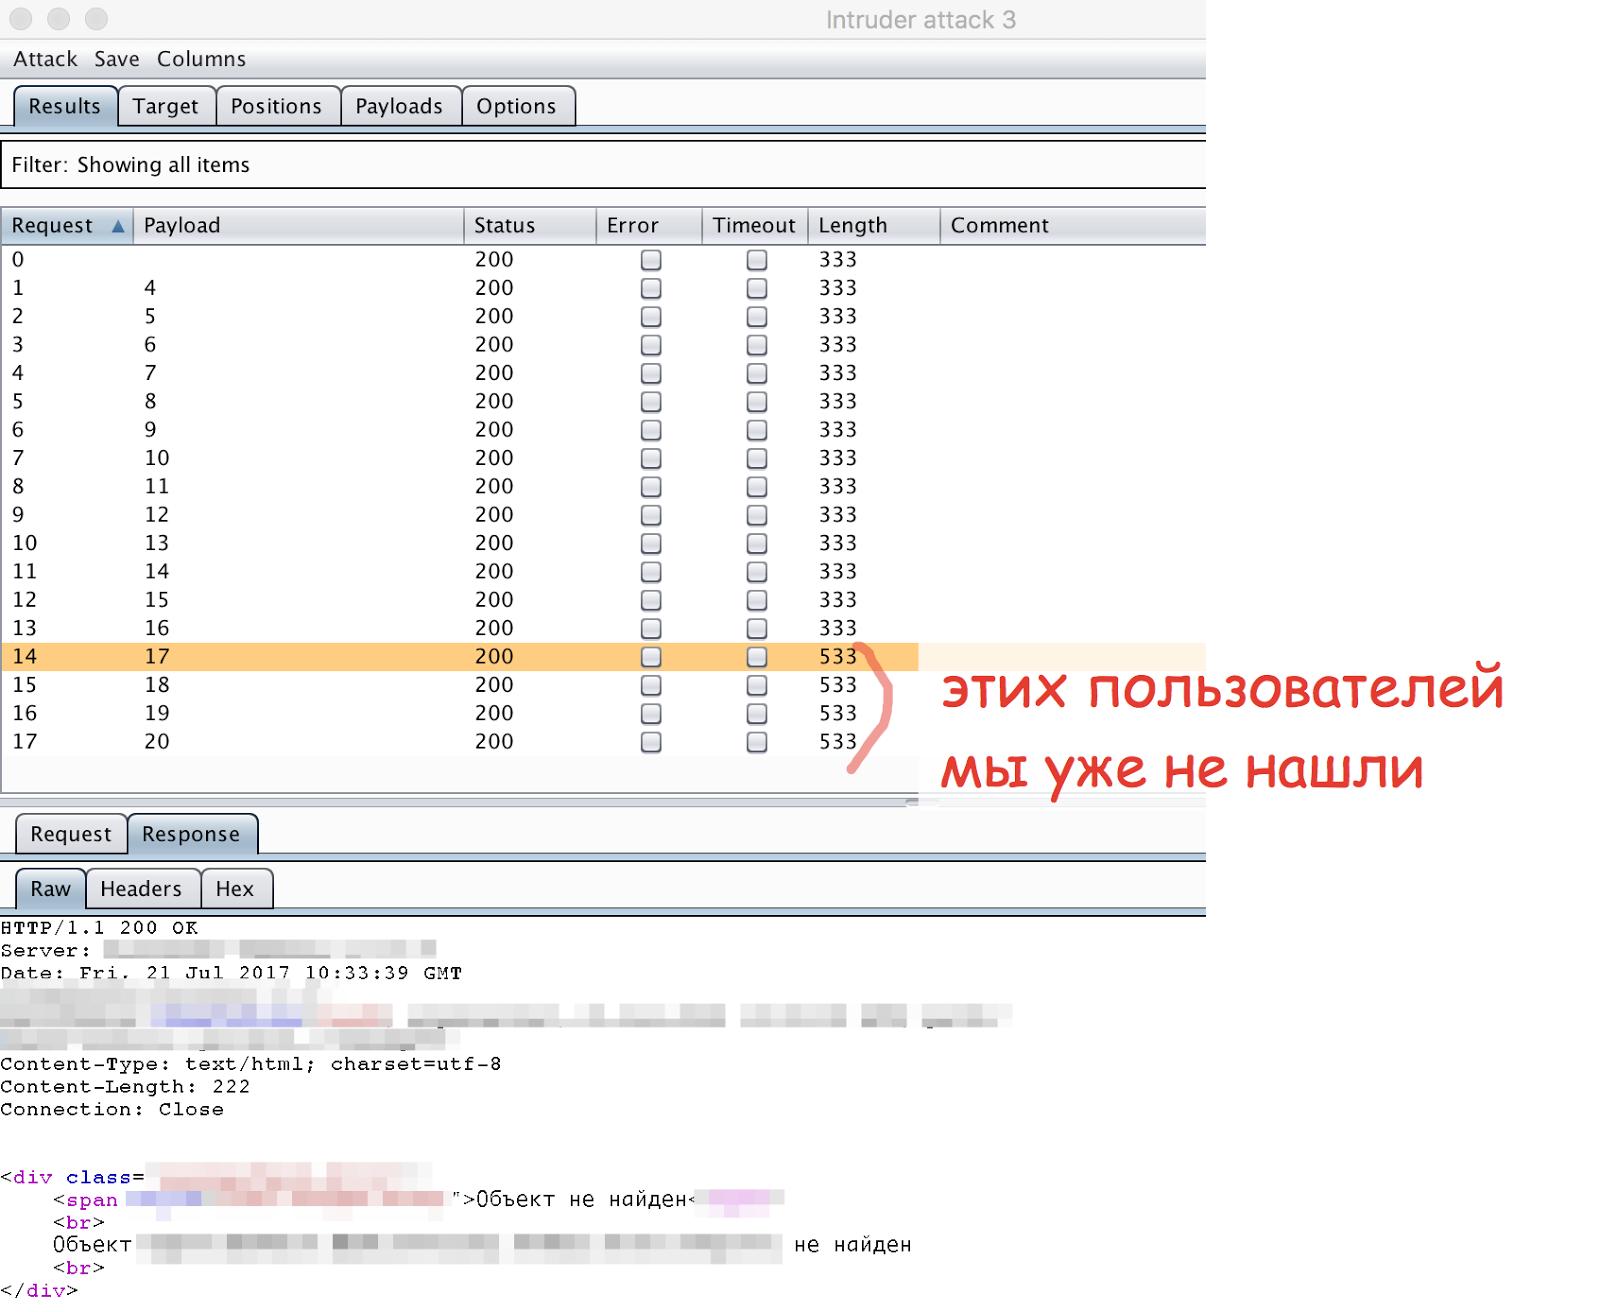 Как скомпрометировать систему документооборота в несколько кликов - 6